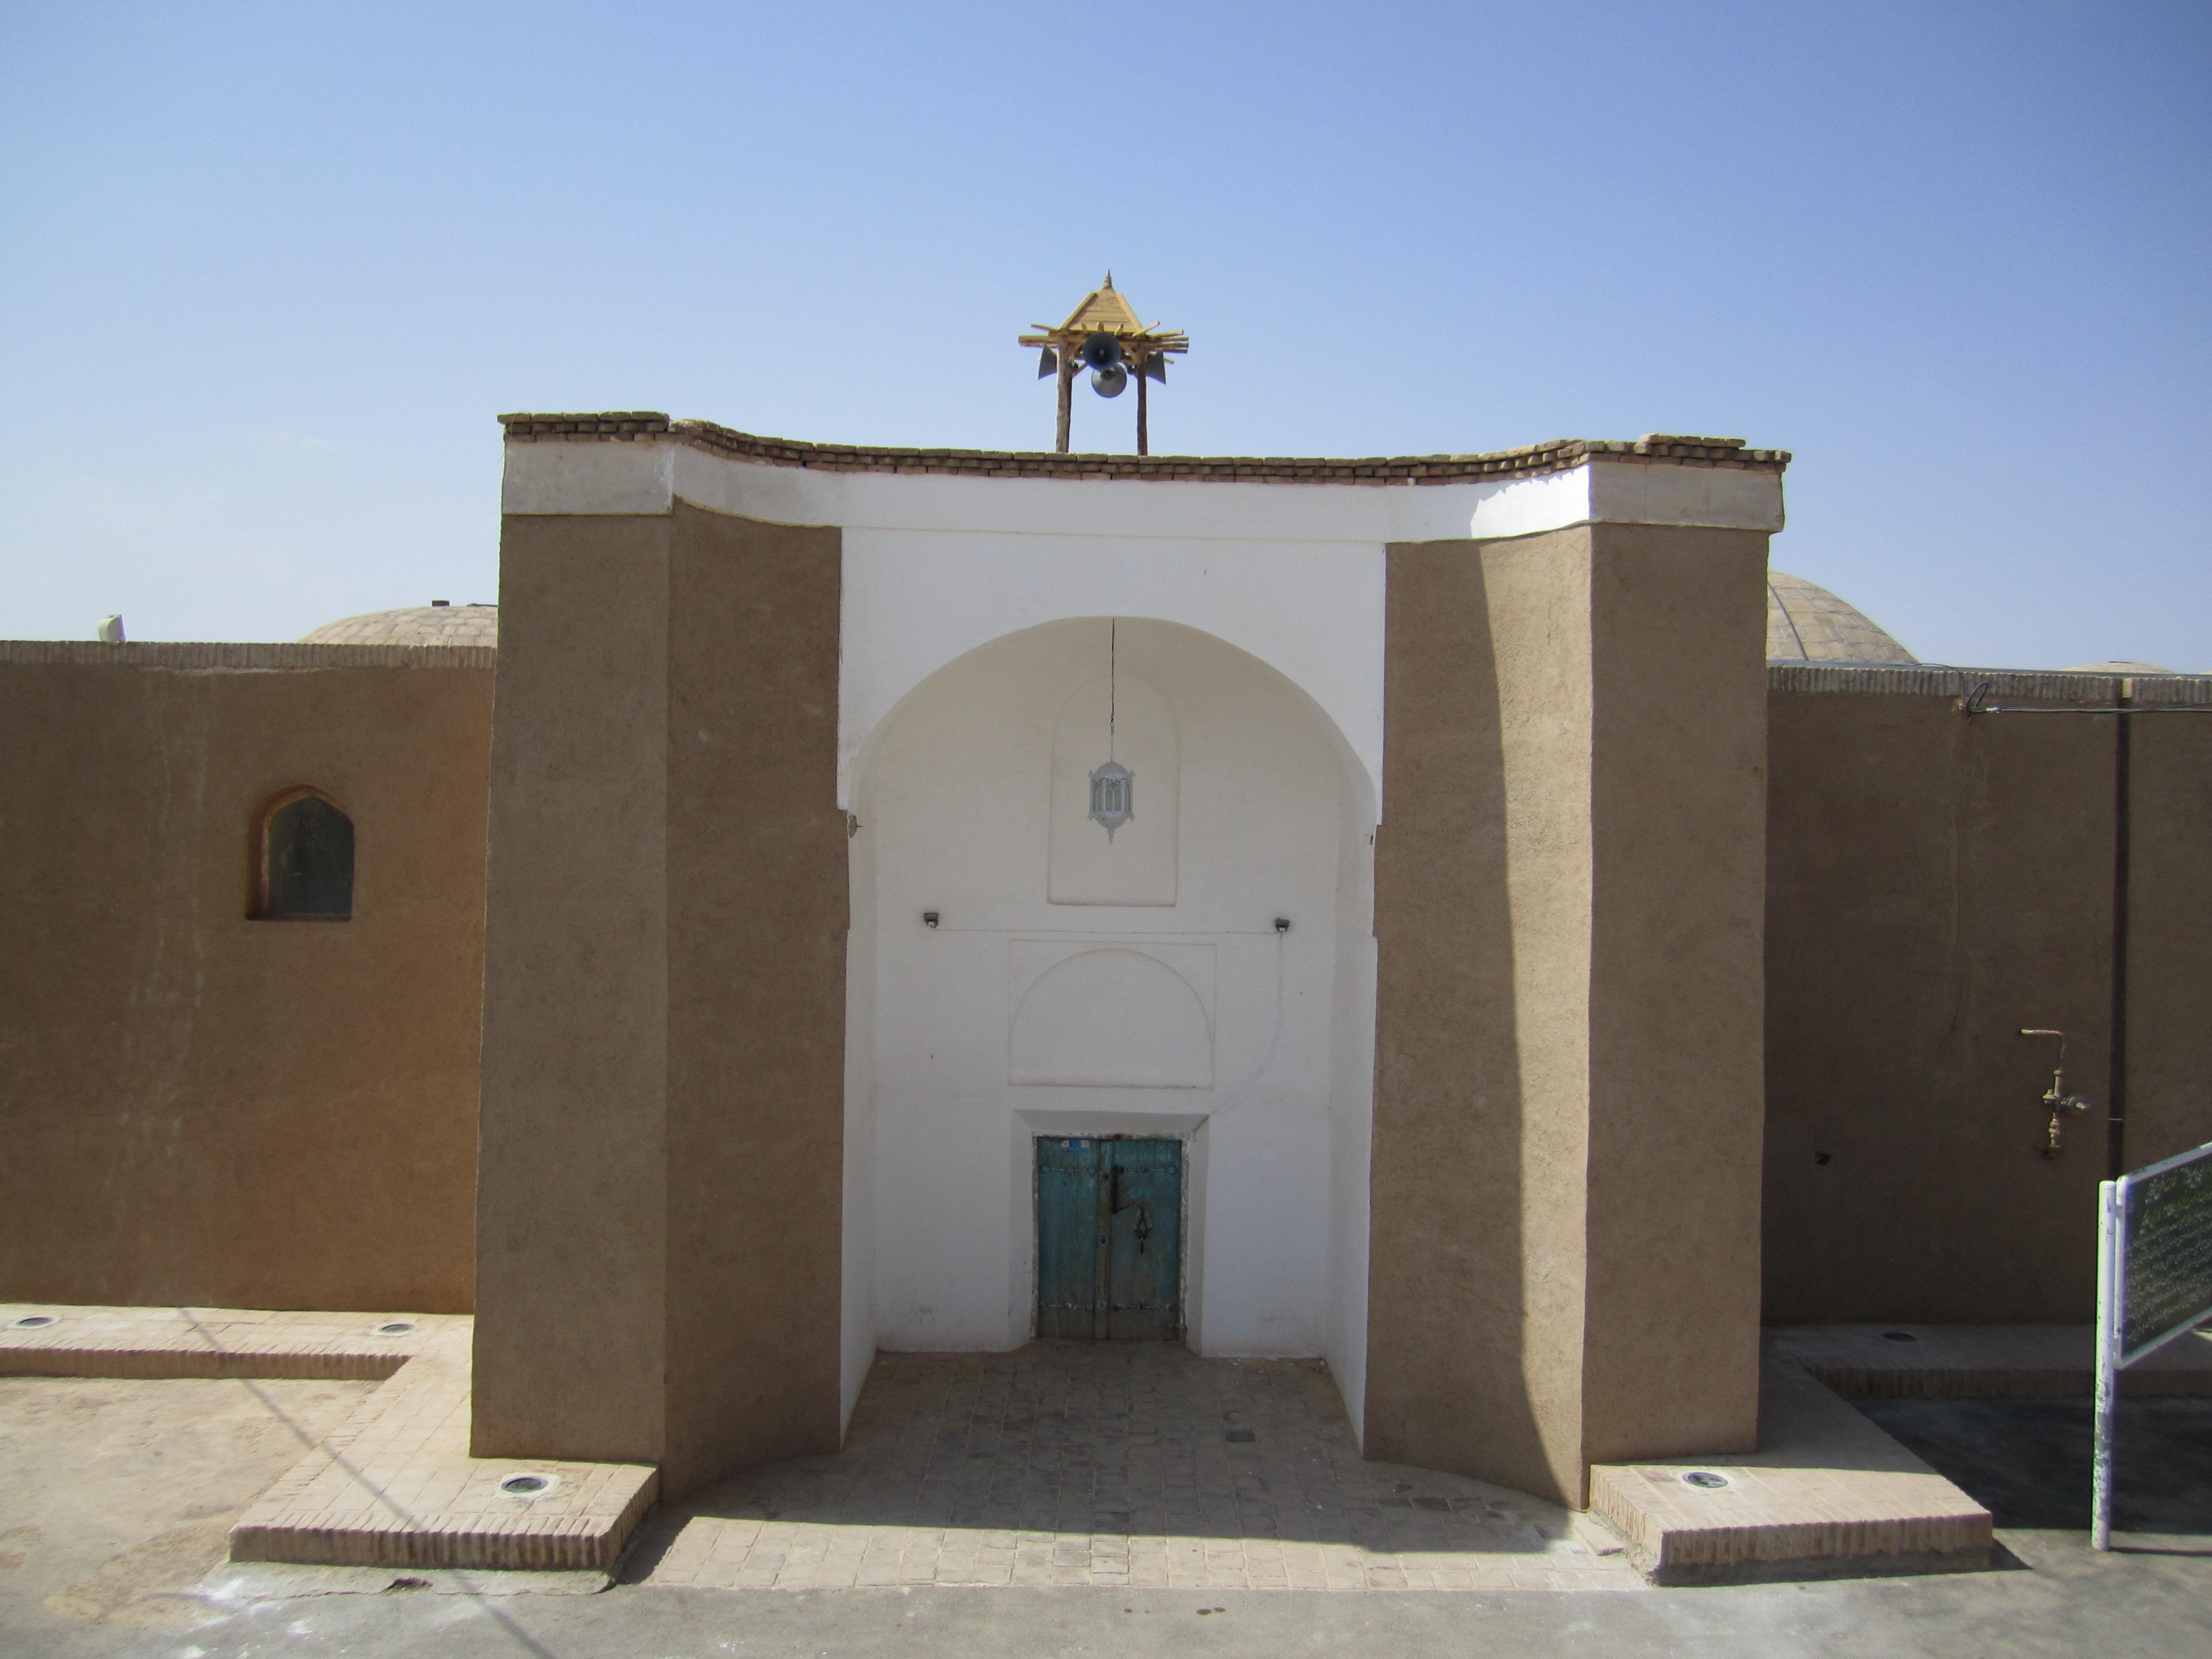 گردشگری مجازی در آثار تاریخی و اماکن دیدنی شهرستان جاجرم + تصاویر|2827899